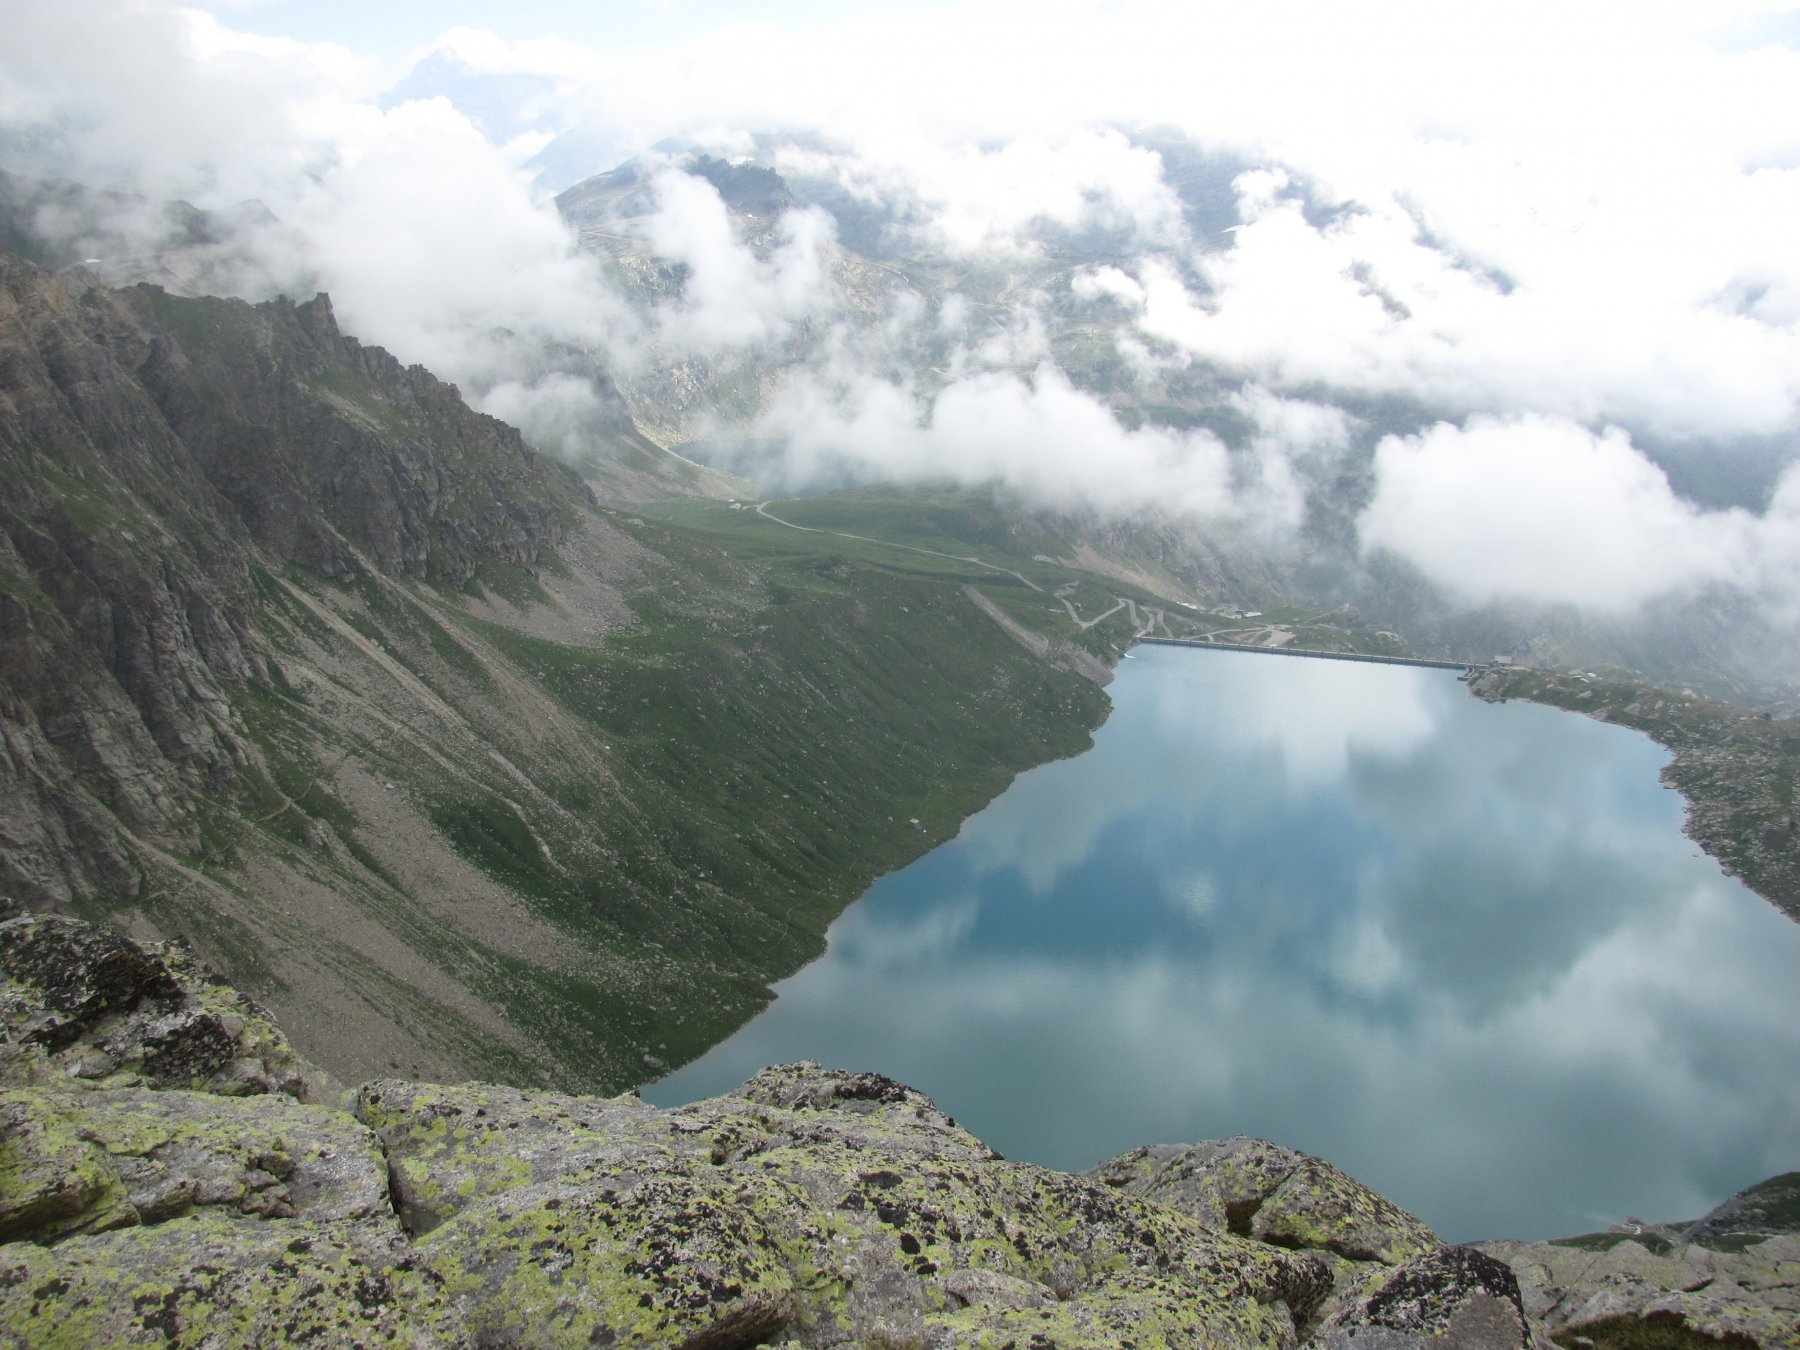 il lago del Serrù visto dall'alto, con a sin. il sentiero per il rifugio